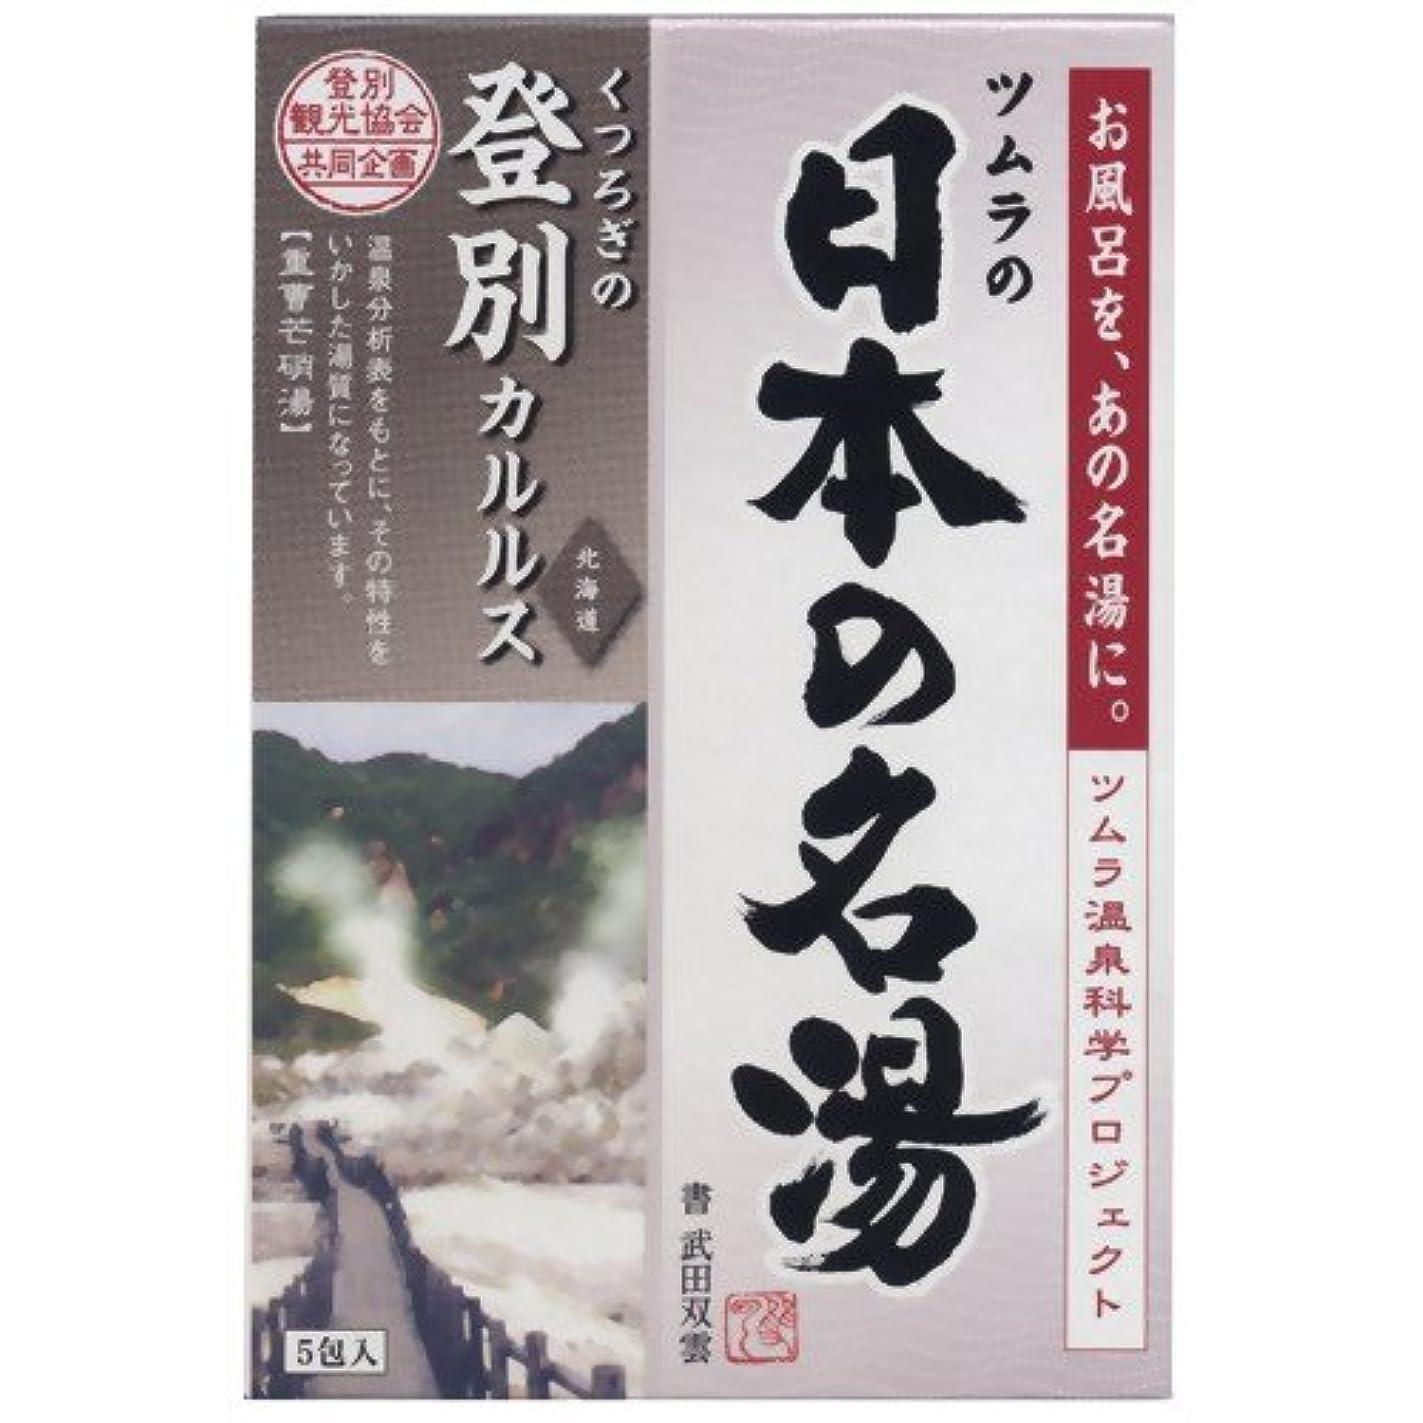 不名誉な気難しい罰バスクリン 日本の名湯 登別カルルス 30g×5包入(入浴剤)×24点セット (4548514135451)